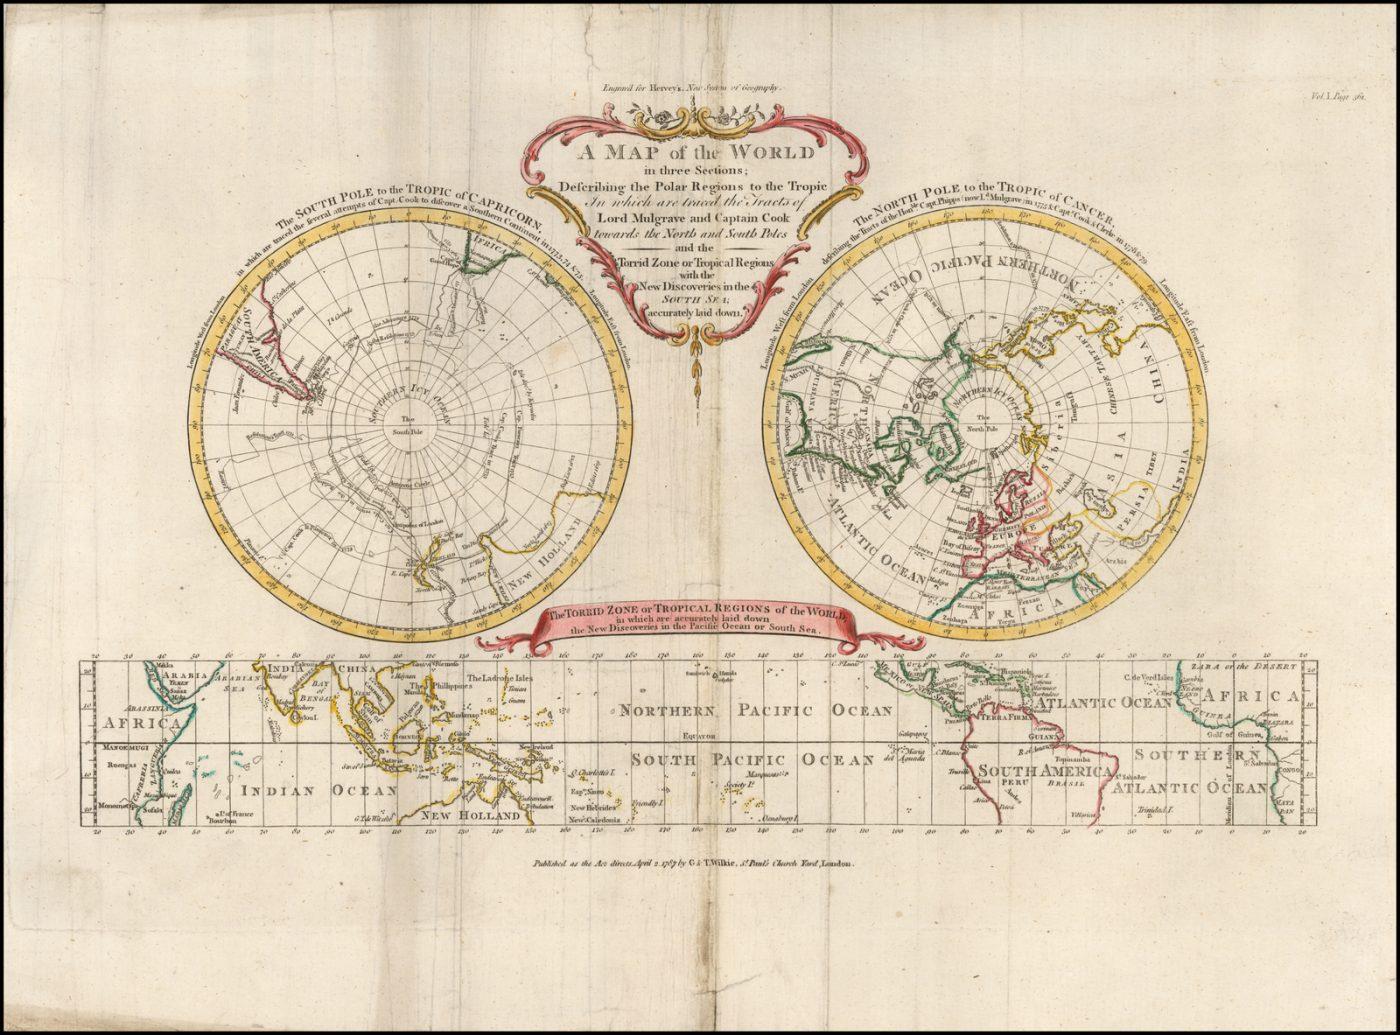 Карта из географии Херви, показывающая путешествия Кука и Фиппса к полюсам